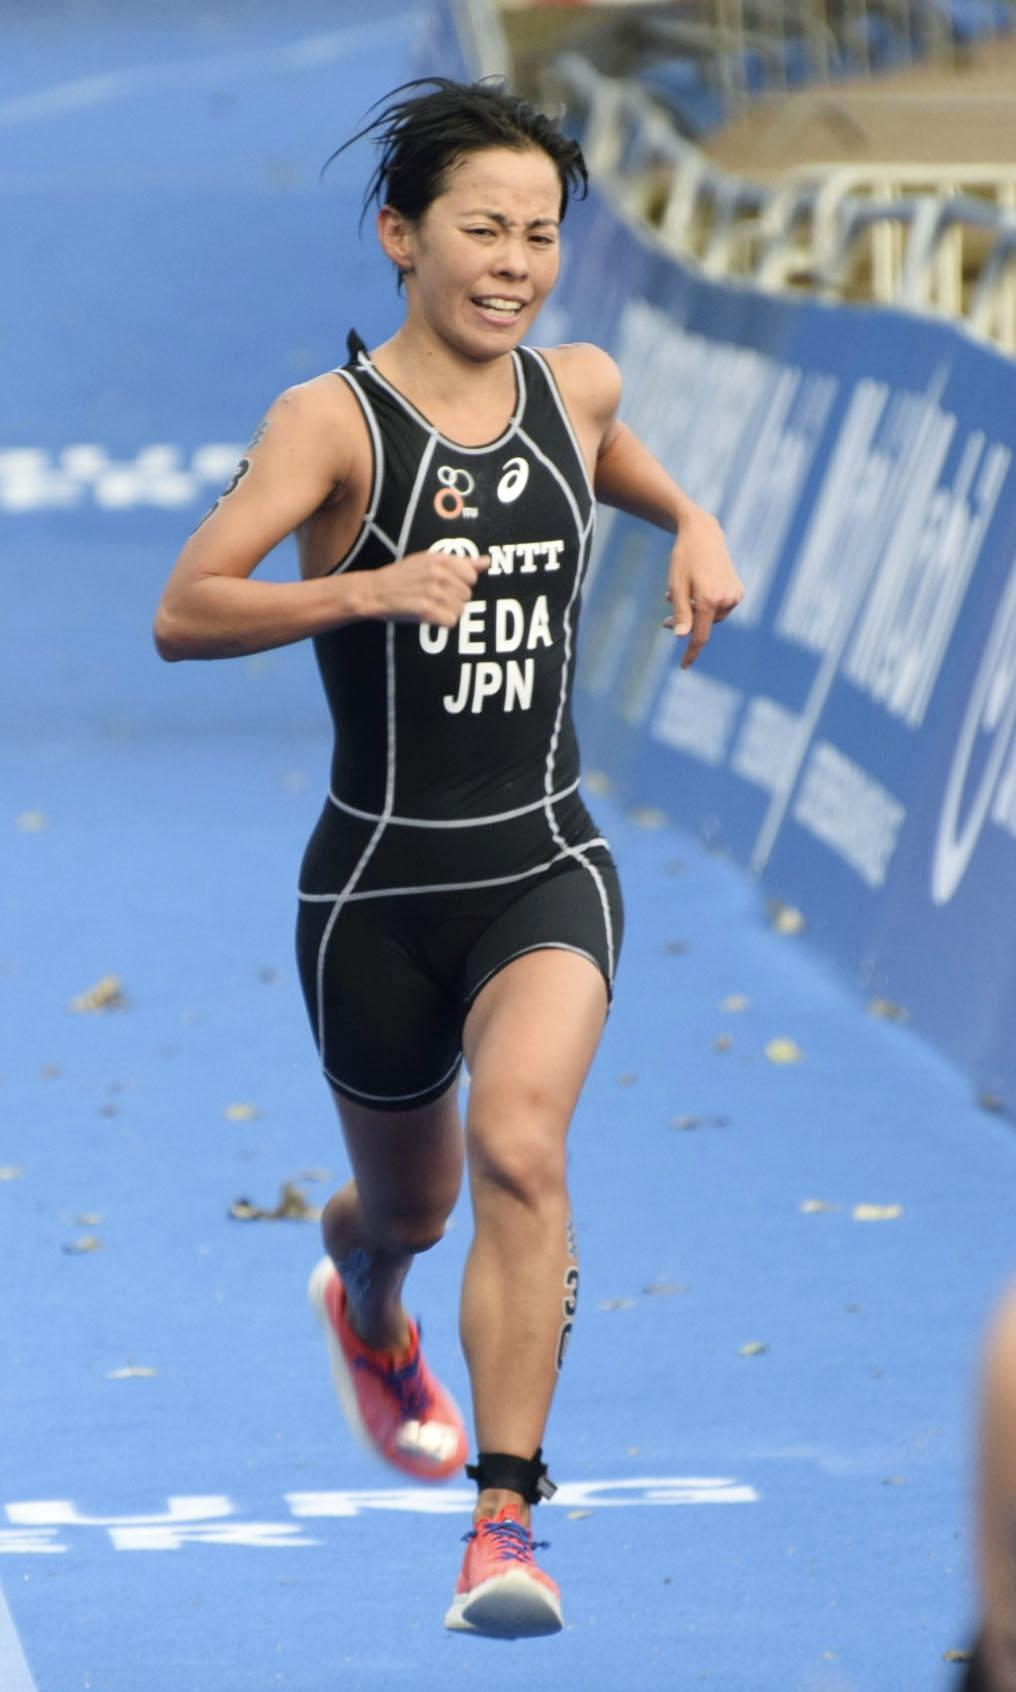 トライアスロン、上田藍は27位 ドイツで世界選手権